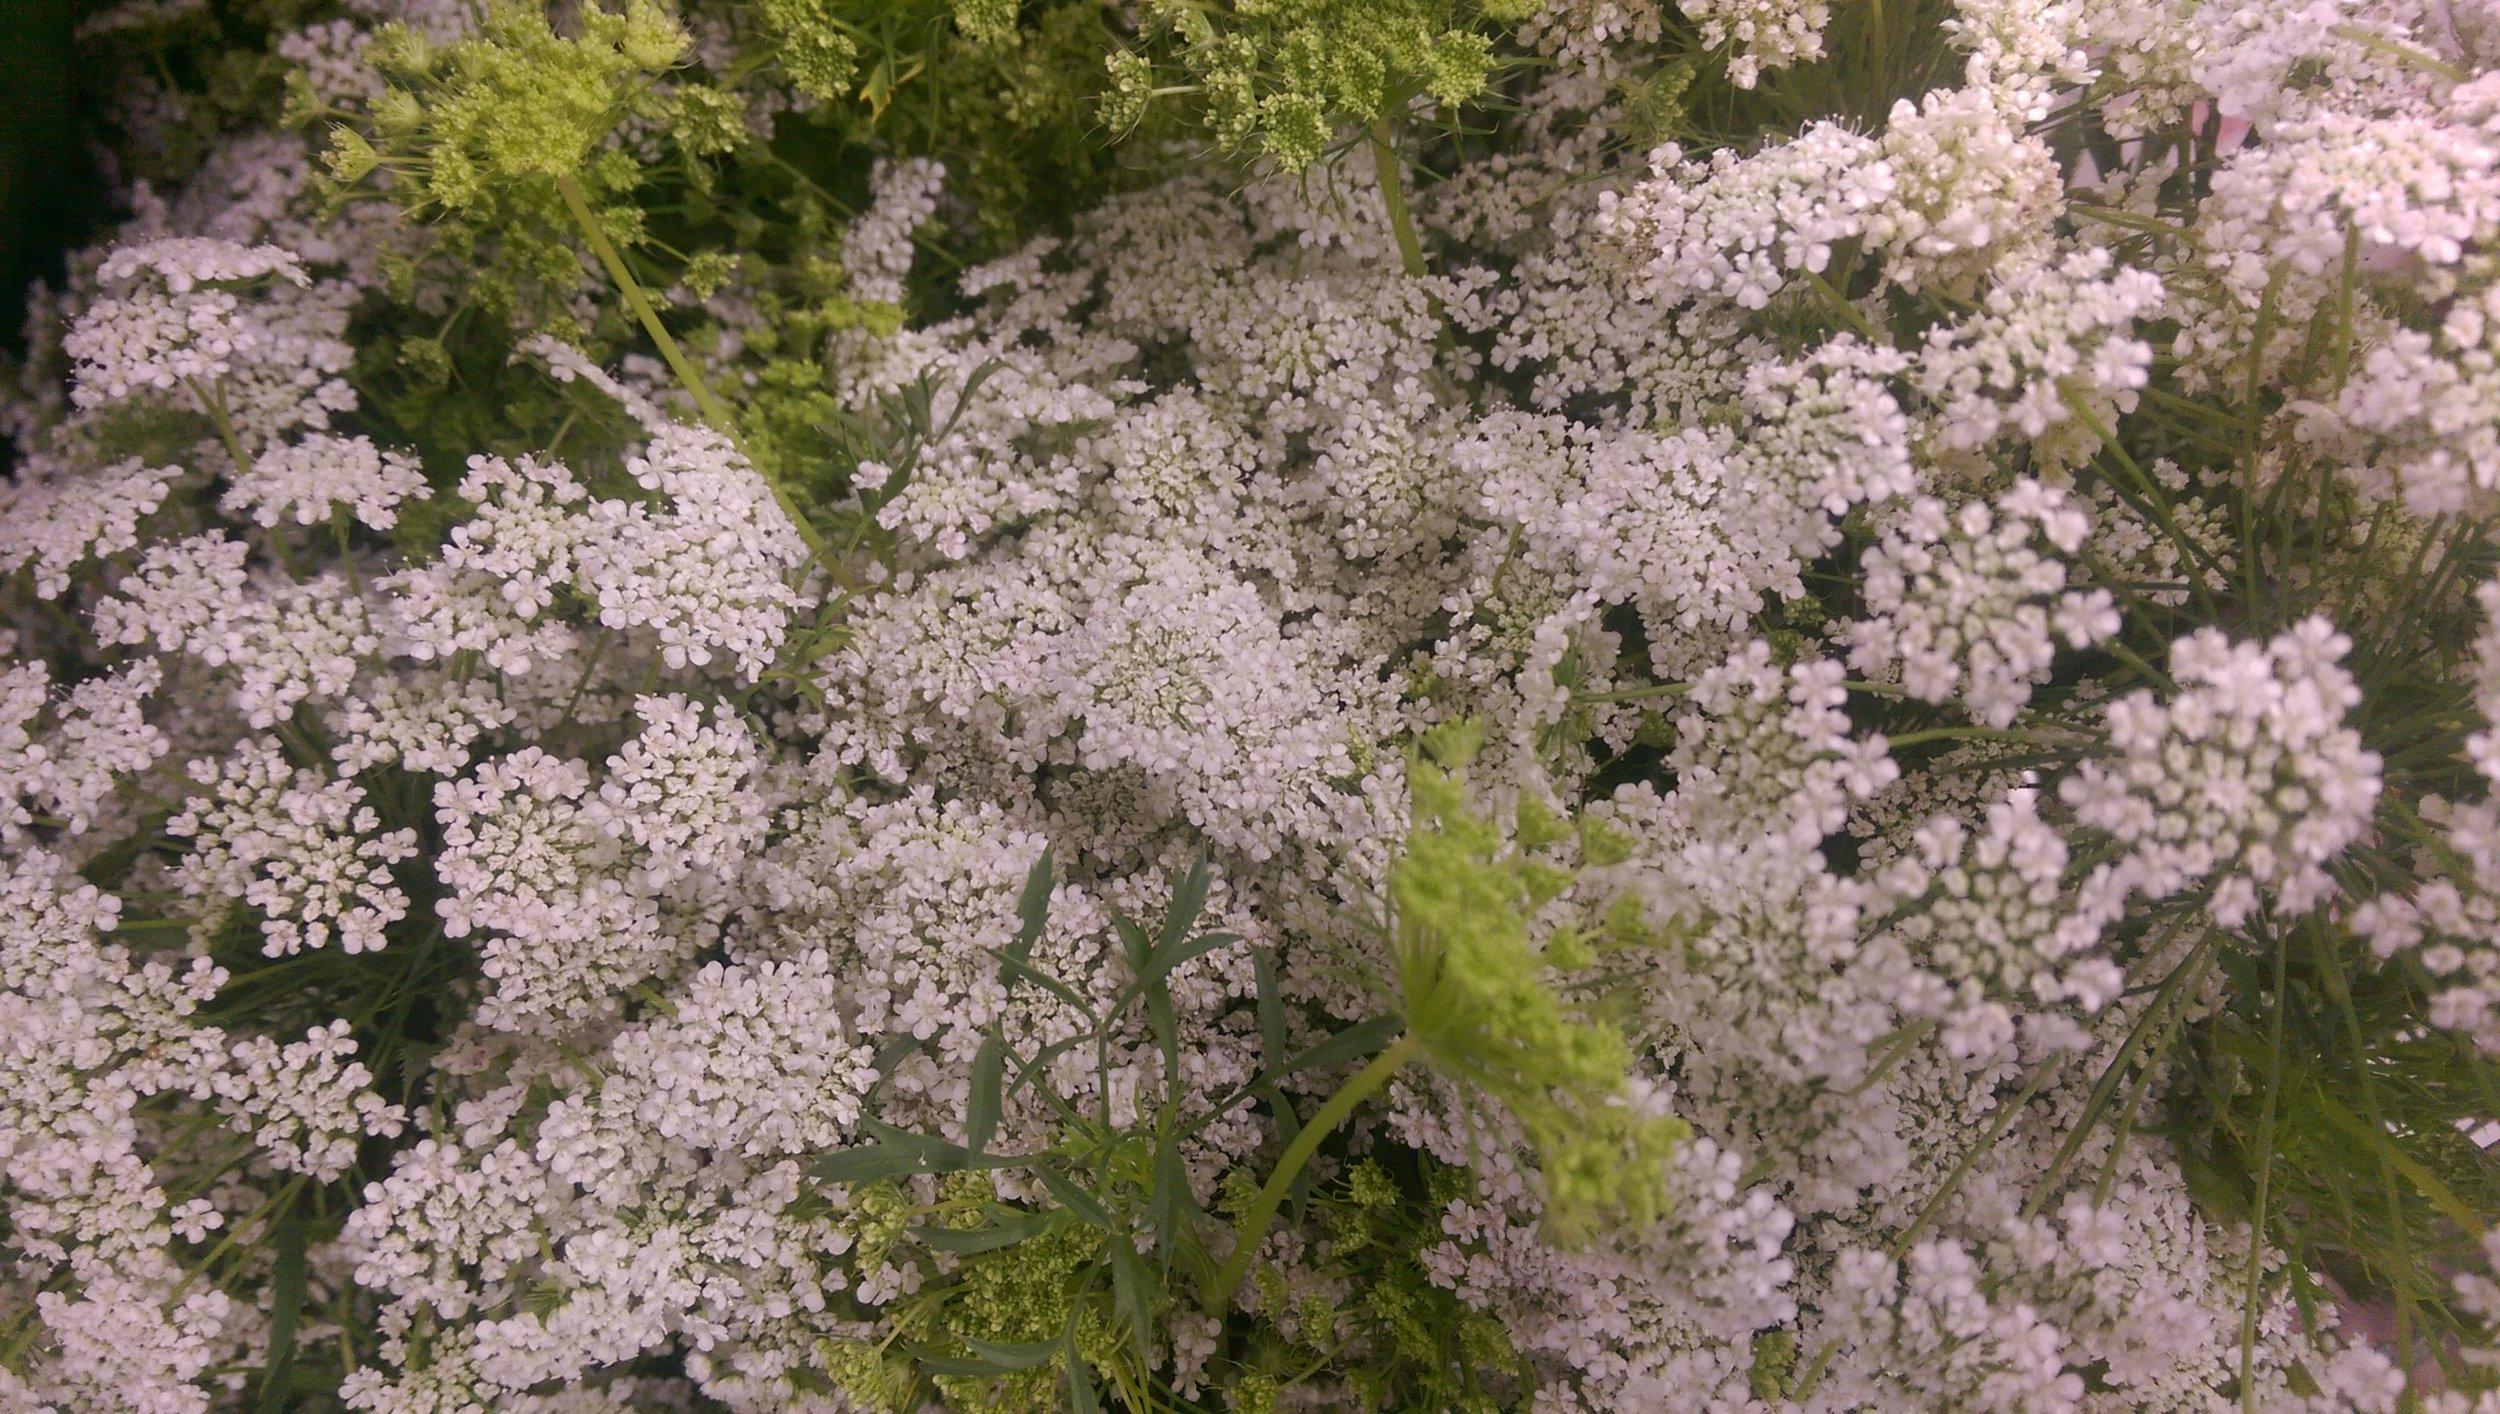 Queen Ann Lace/Green mist  Year round